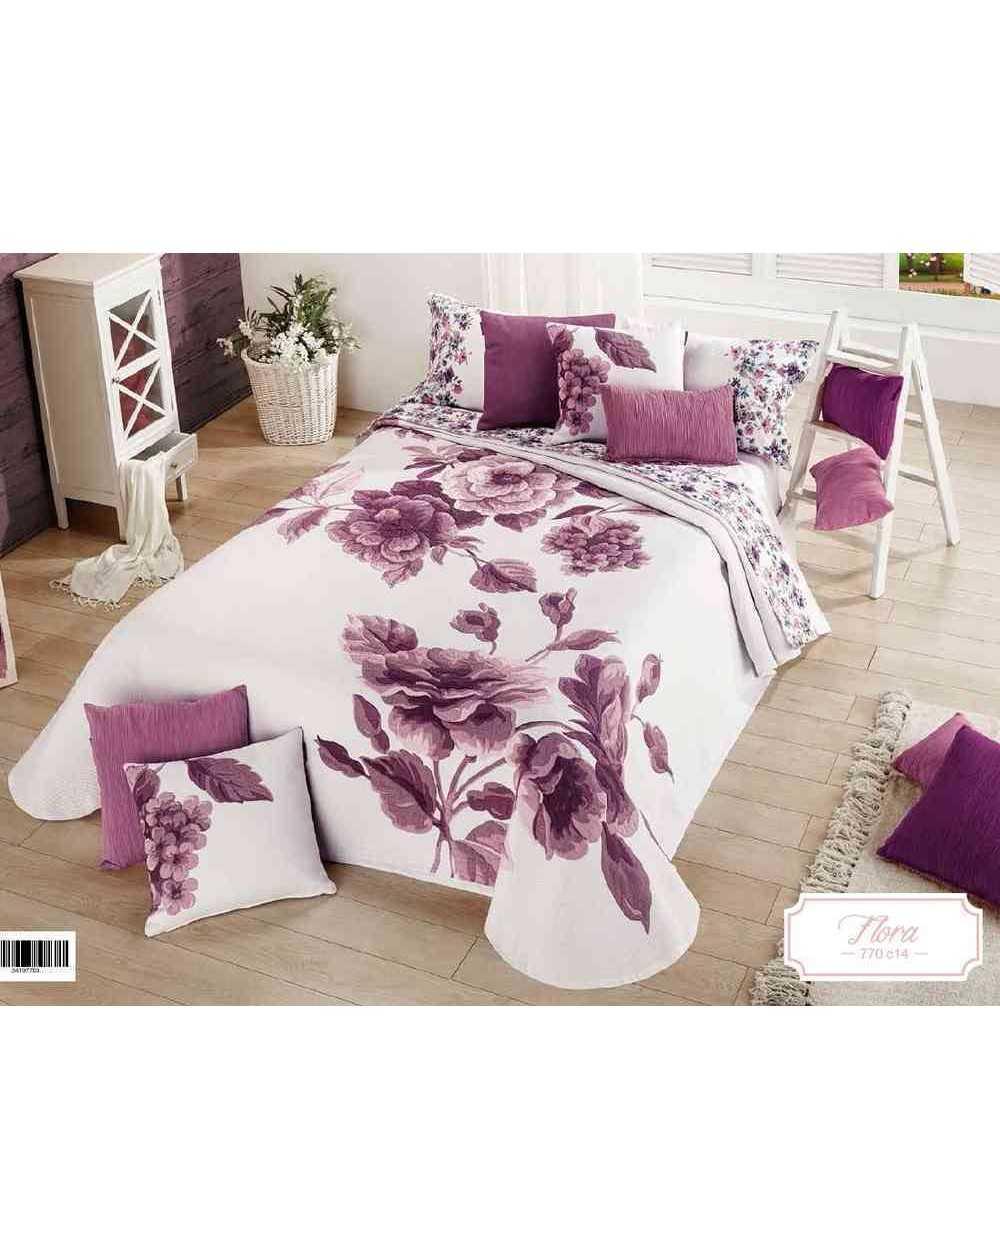 Primo letto corredo moderno decorare la tua casa - Primo letto corredo ...